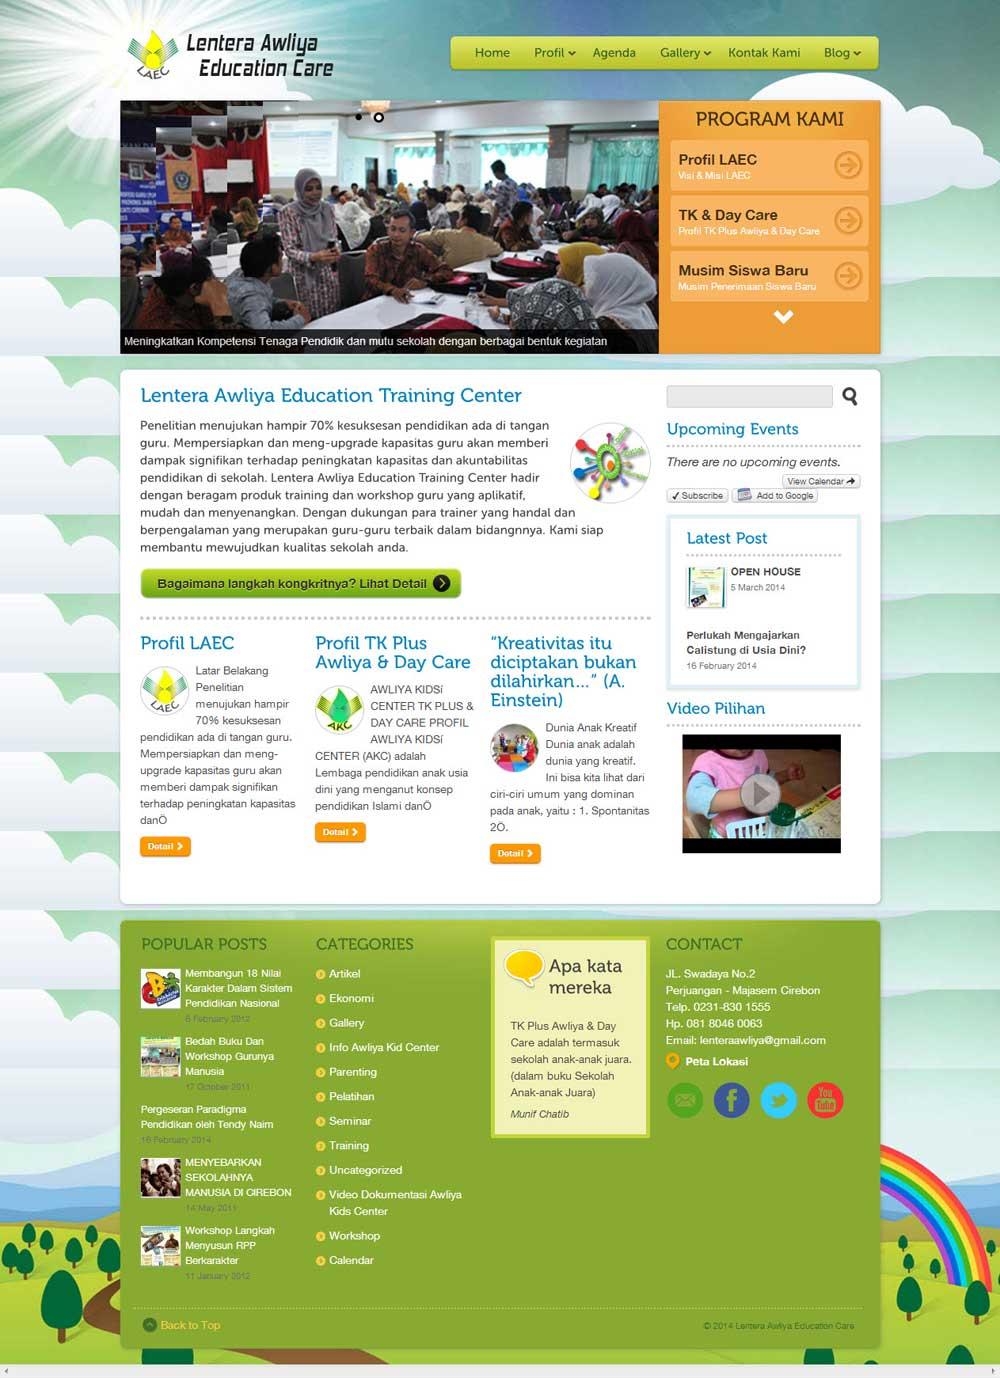 Lentera Awliya Education Care